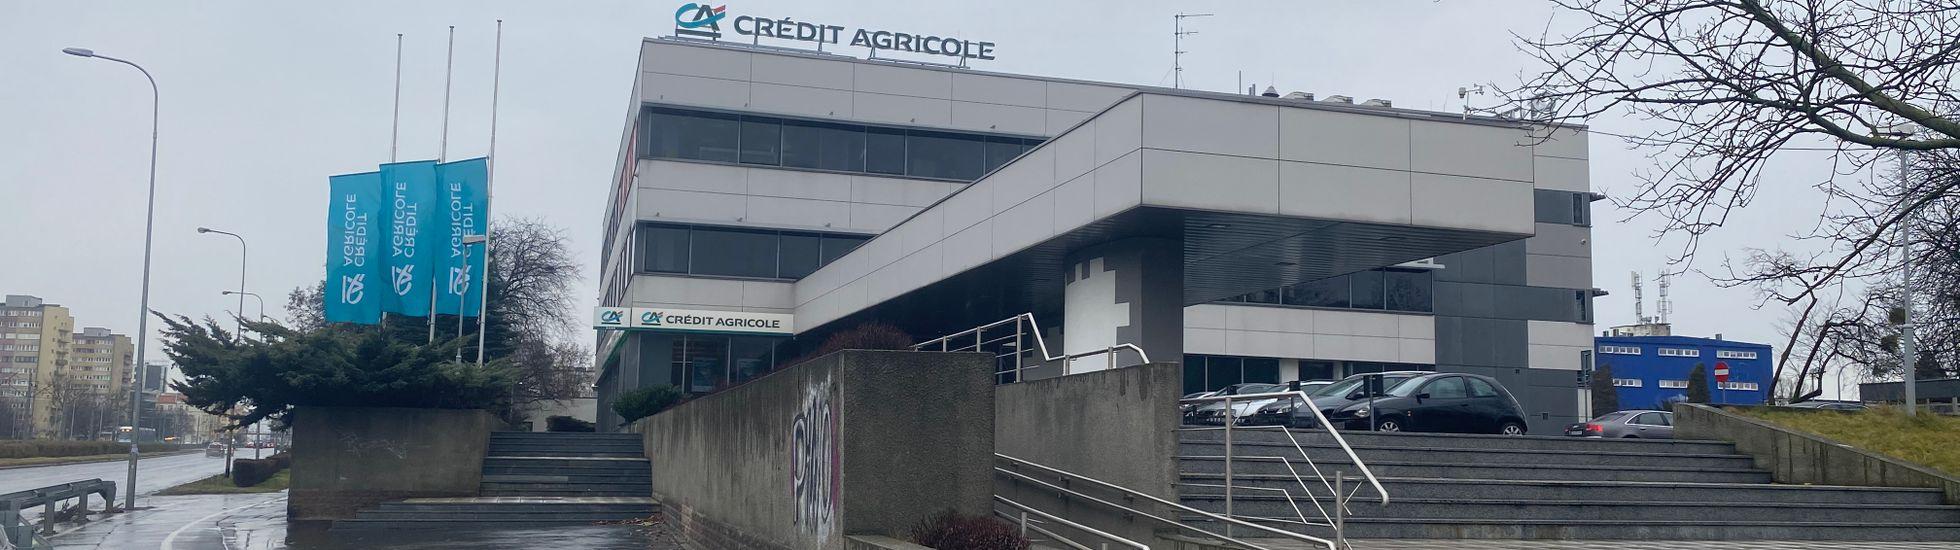 Wrocław: Są chętni na budynek banku Credit Agricole przy placu Strzegomskim